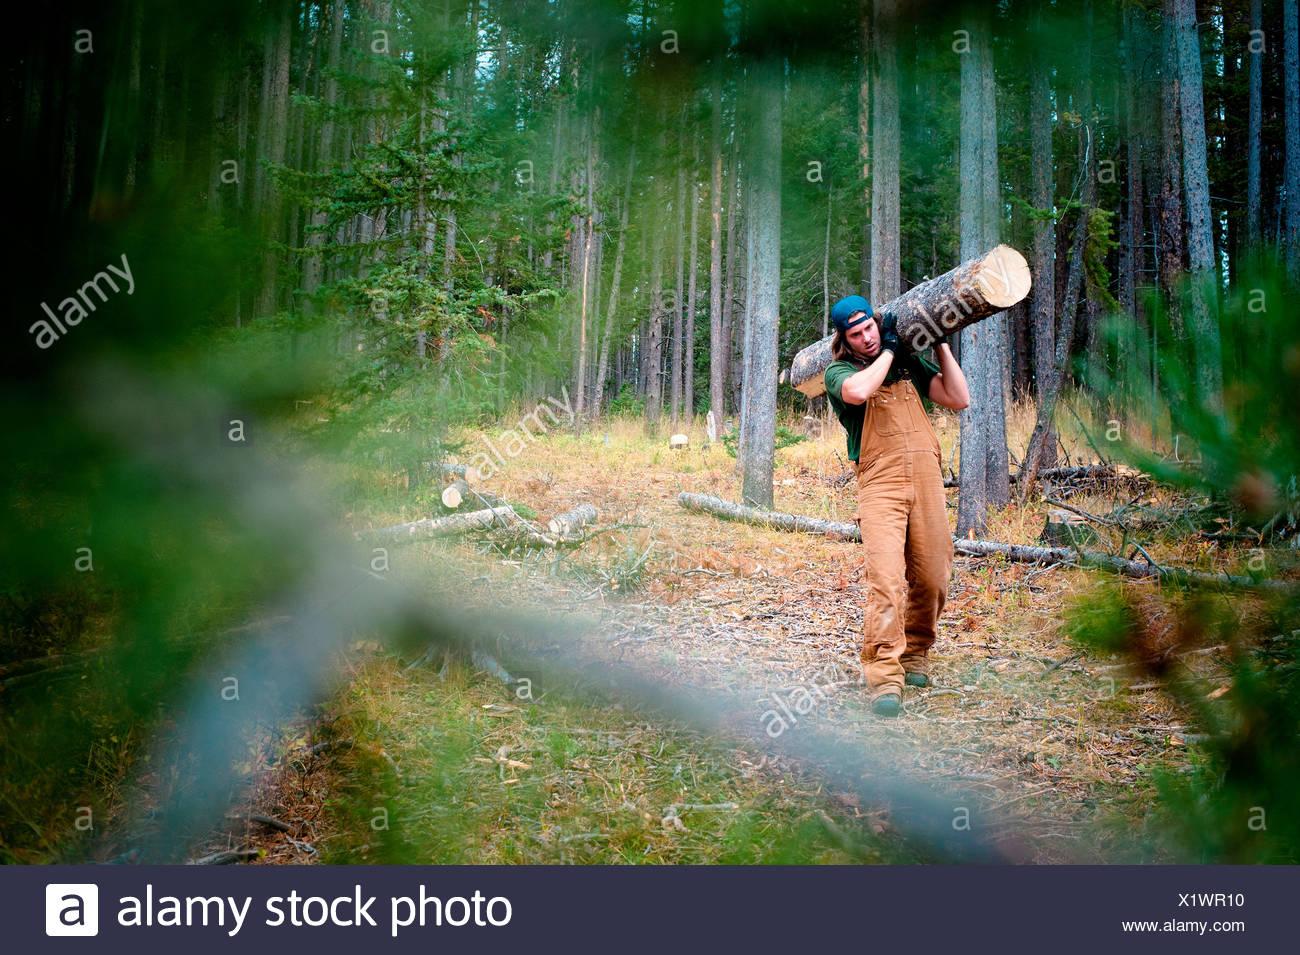 Un uomo porta un registro di grandi dimensioni nei boschi. Immagini Stock